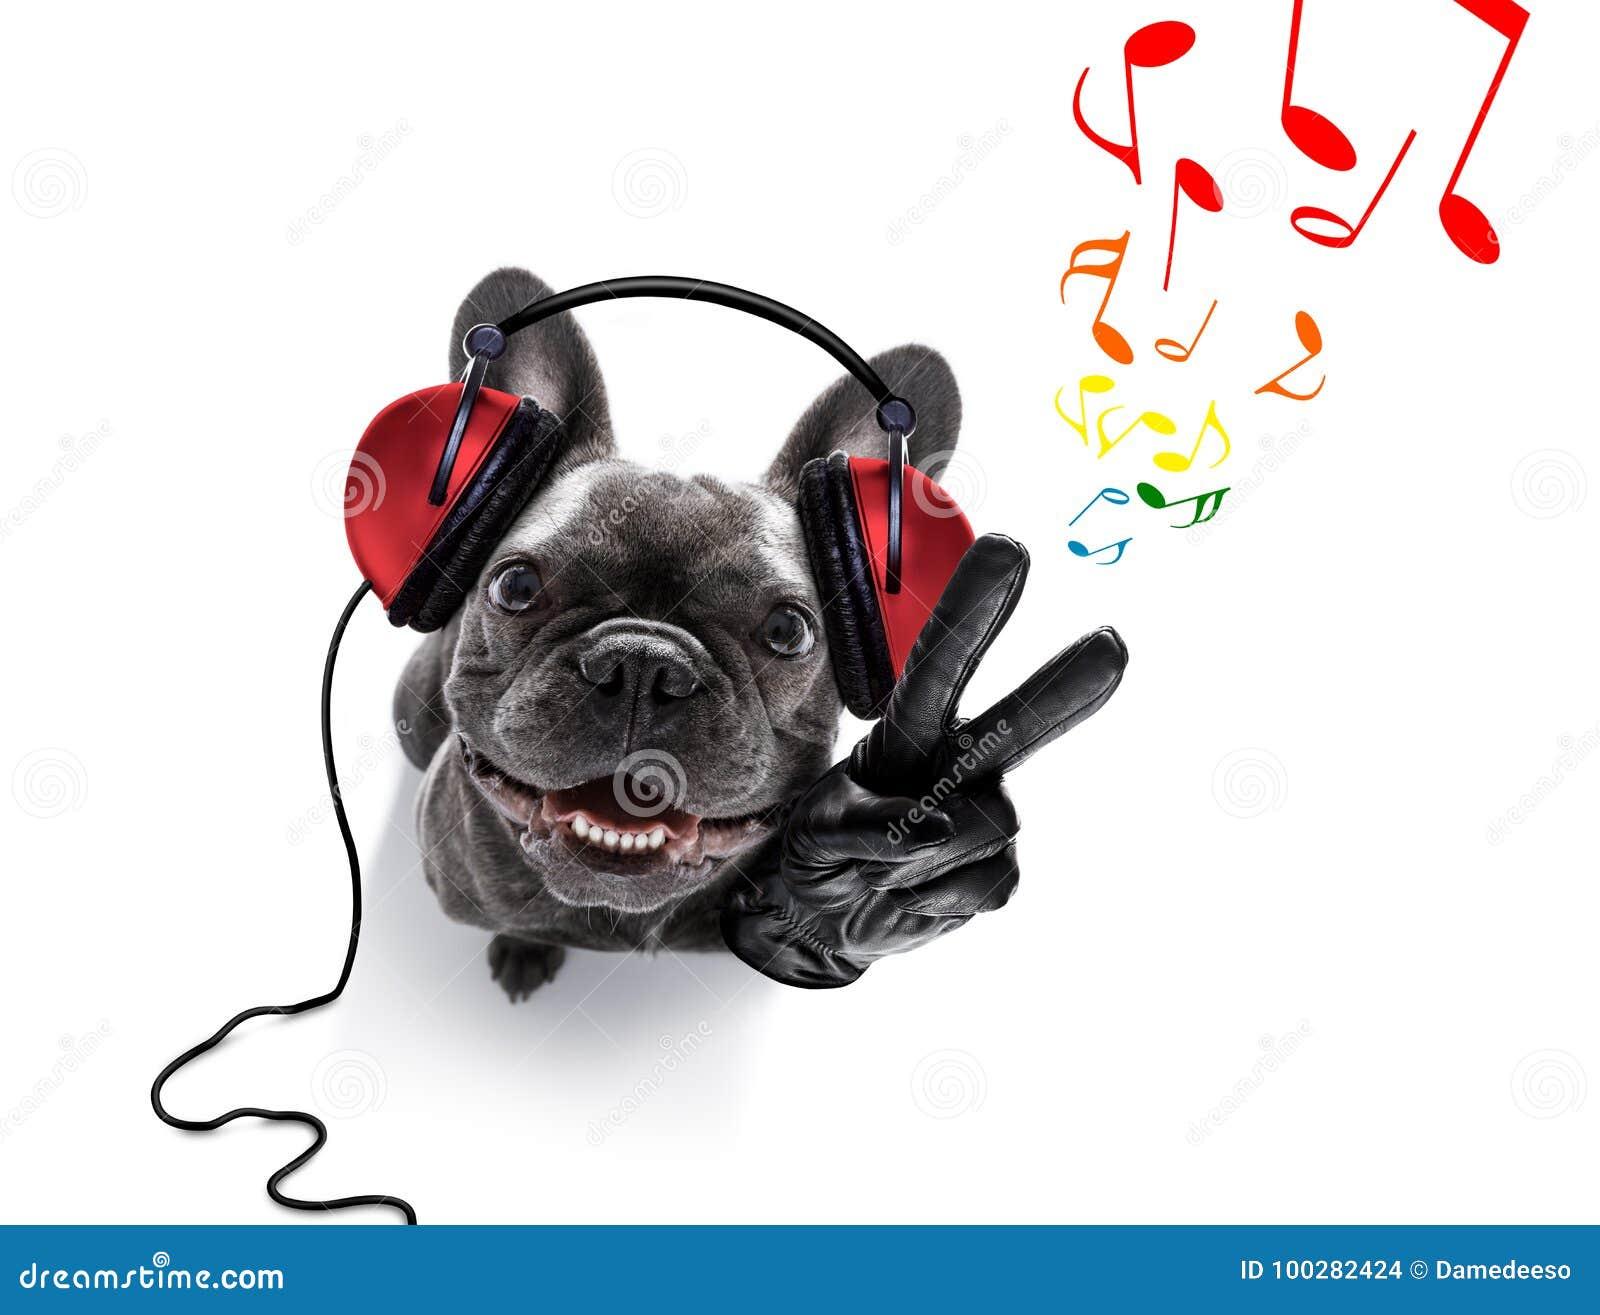 Hond die aan muziek luistert